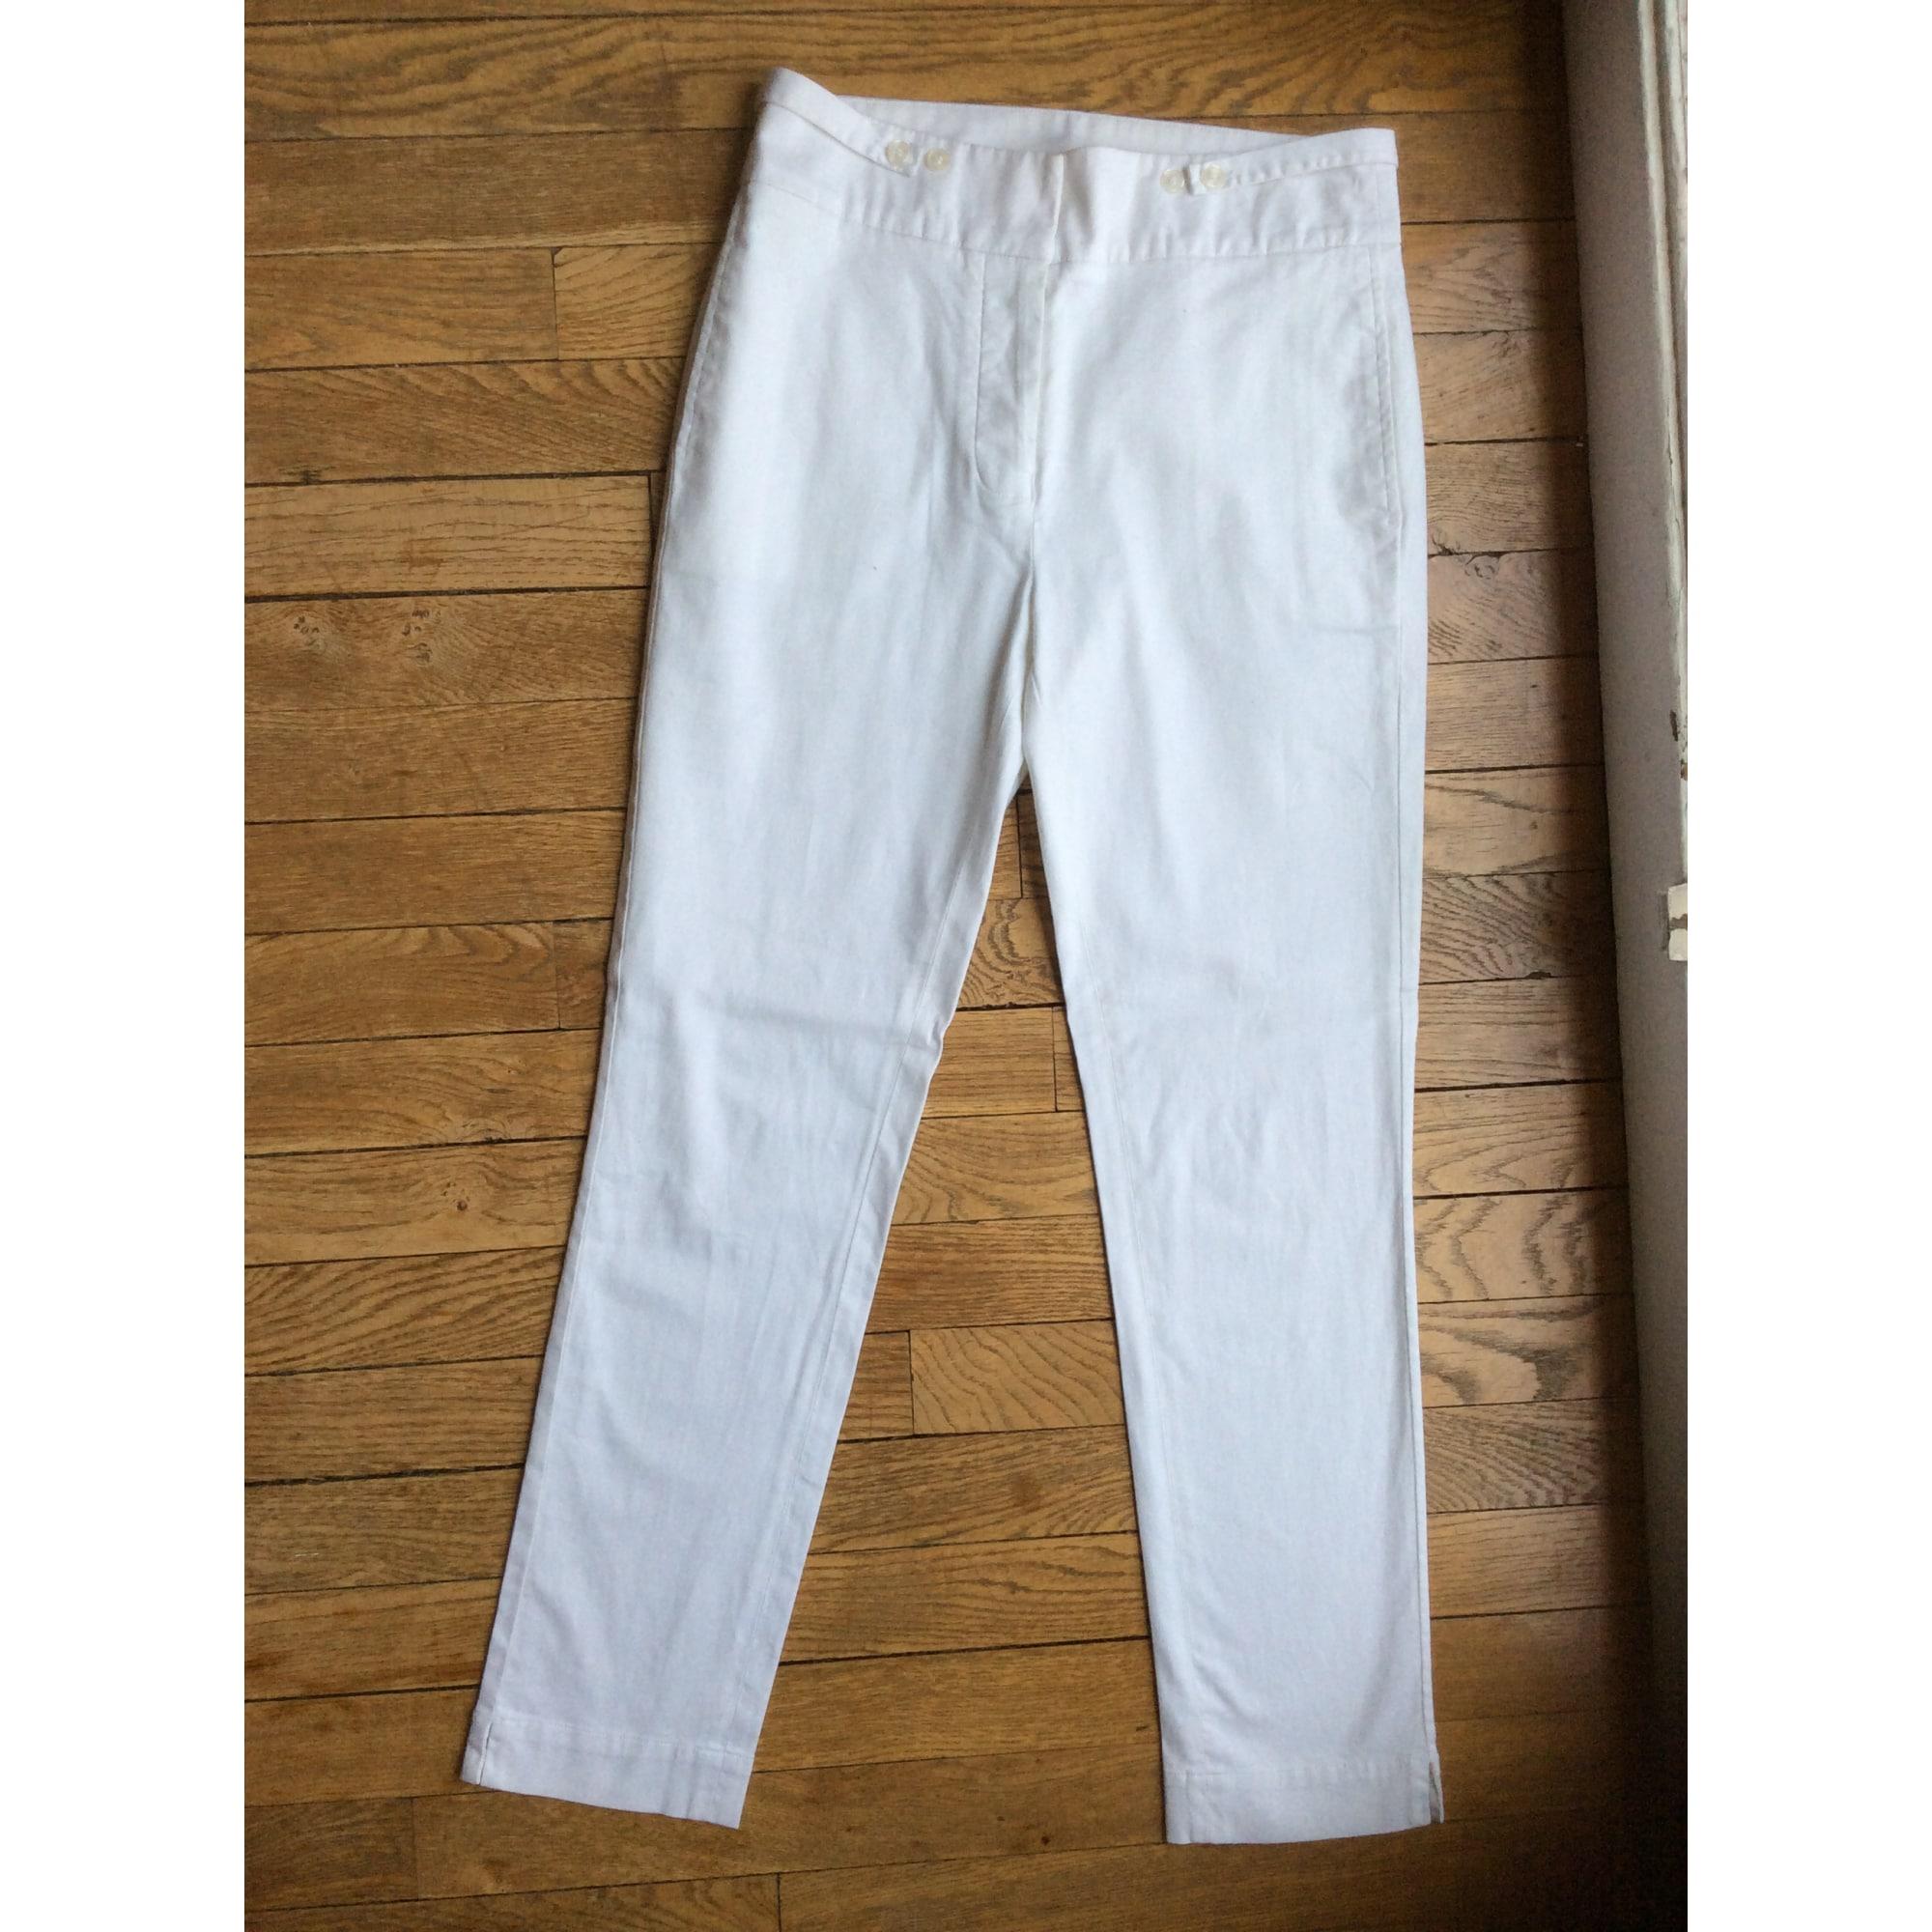 Pantalon slim, cigarette LACOSTE Blanc, blanc cassé, écru